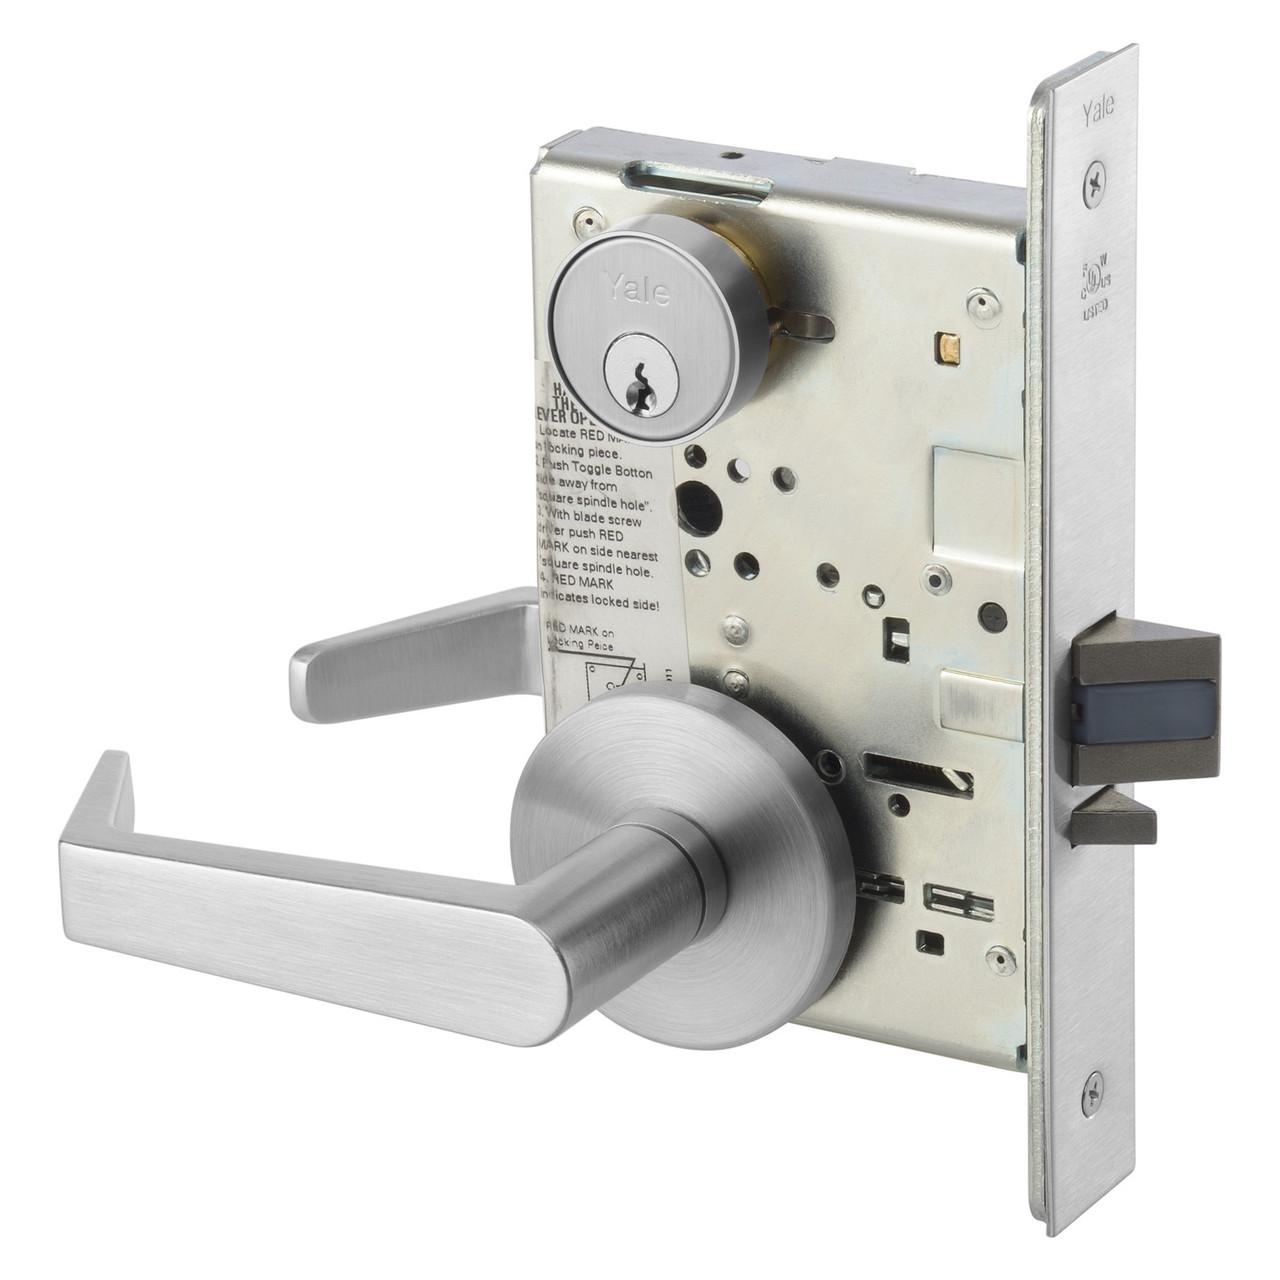 Yale 8800 Series Mortise Storeroom Lock, AUR Trim, Satin Chrome